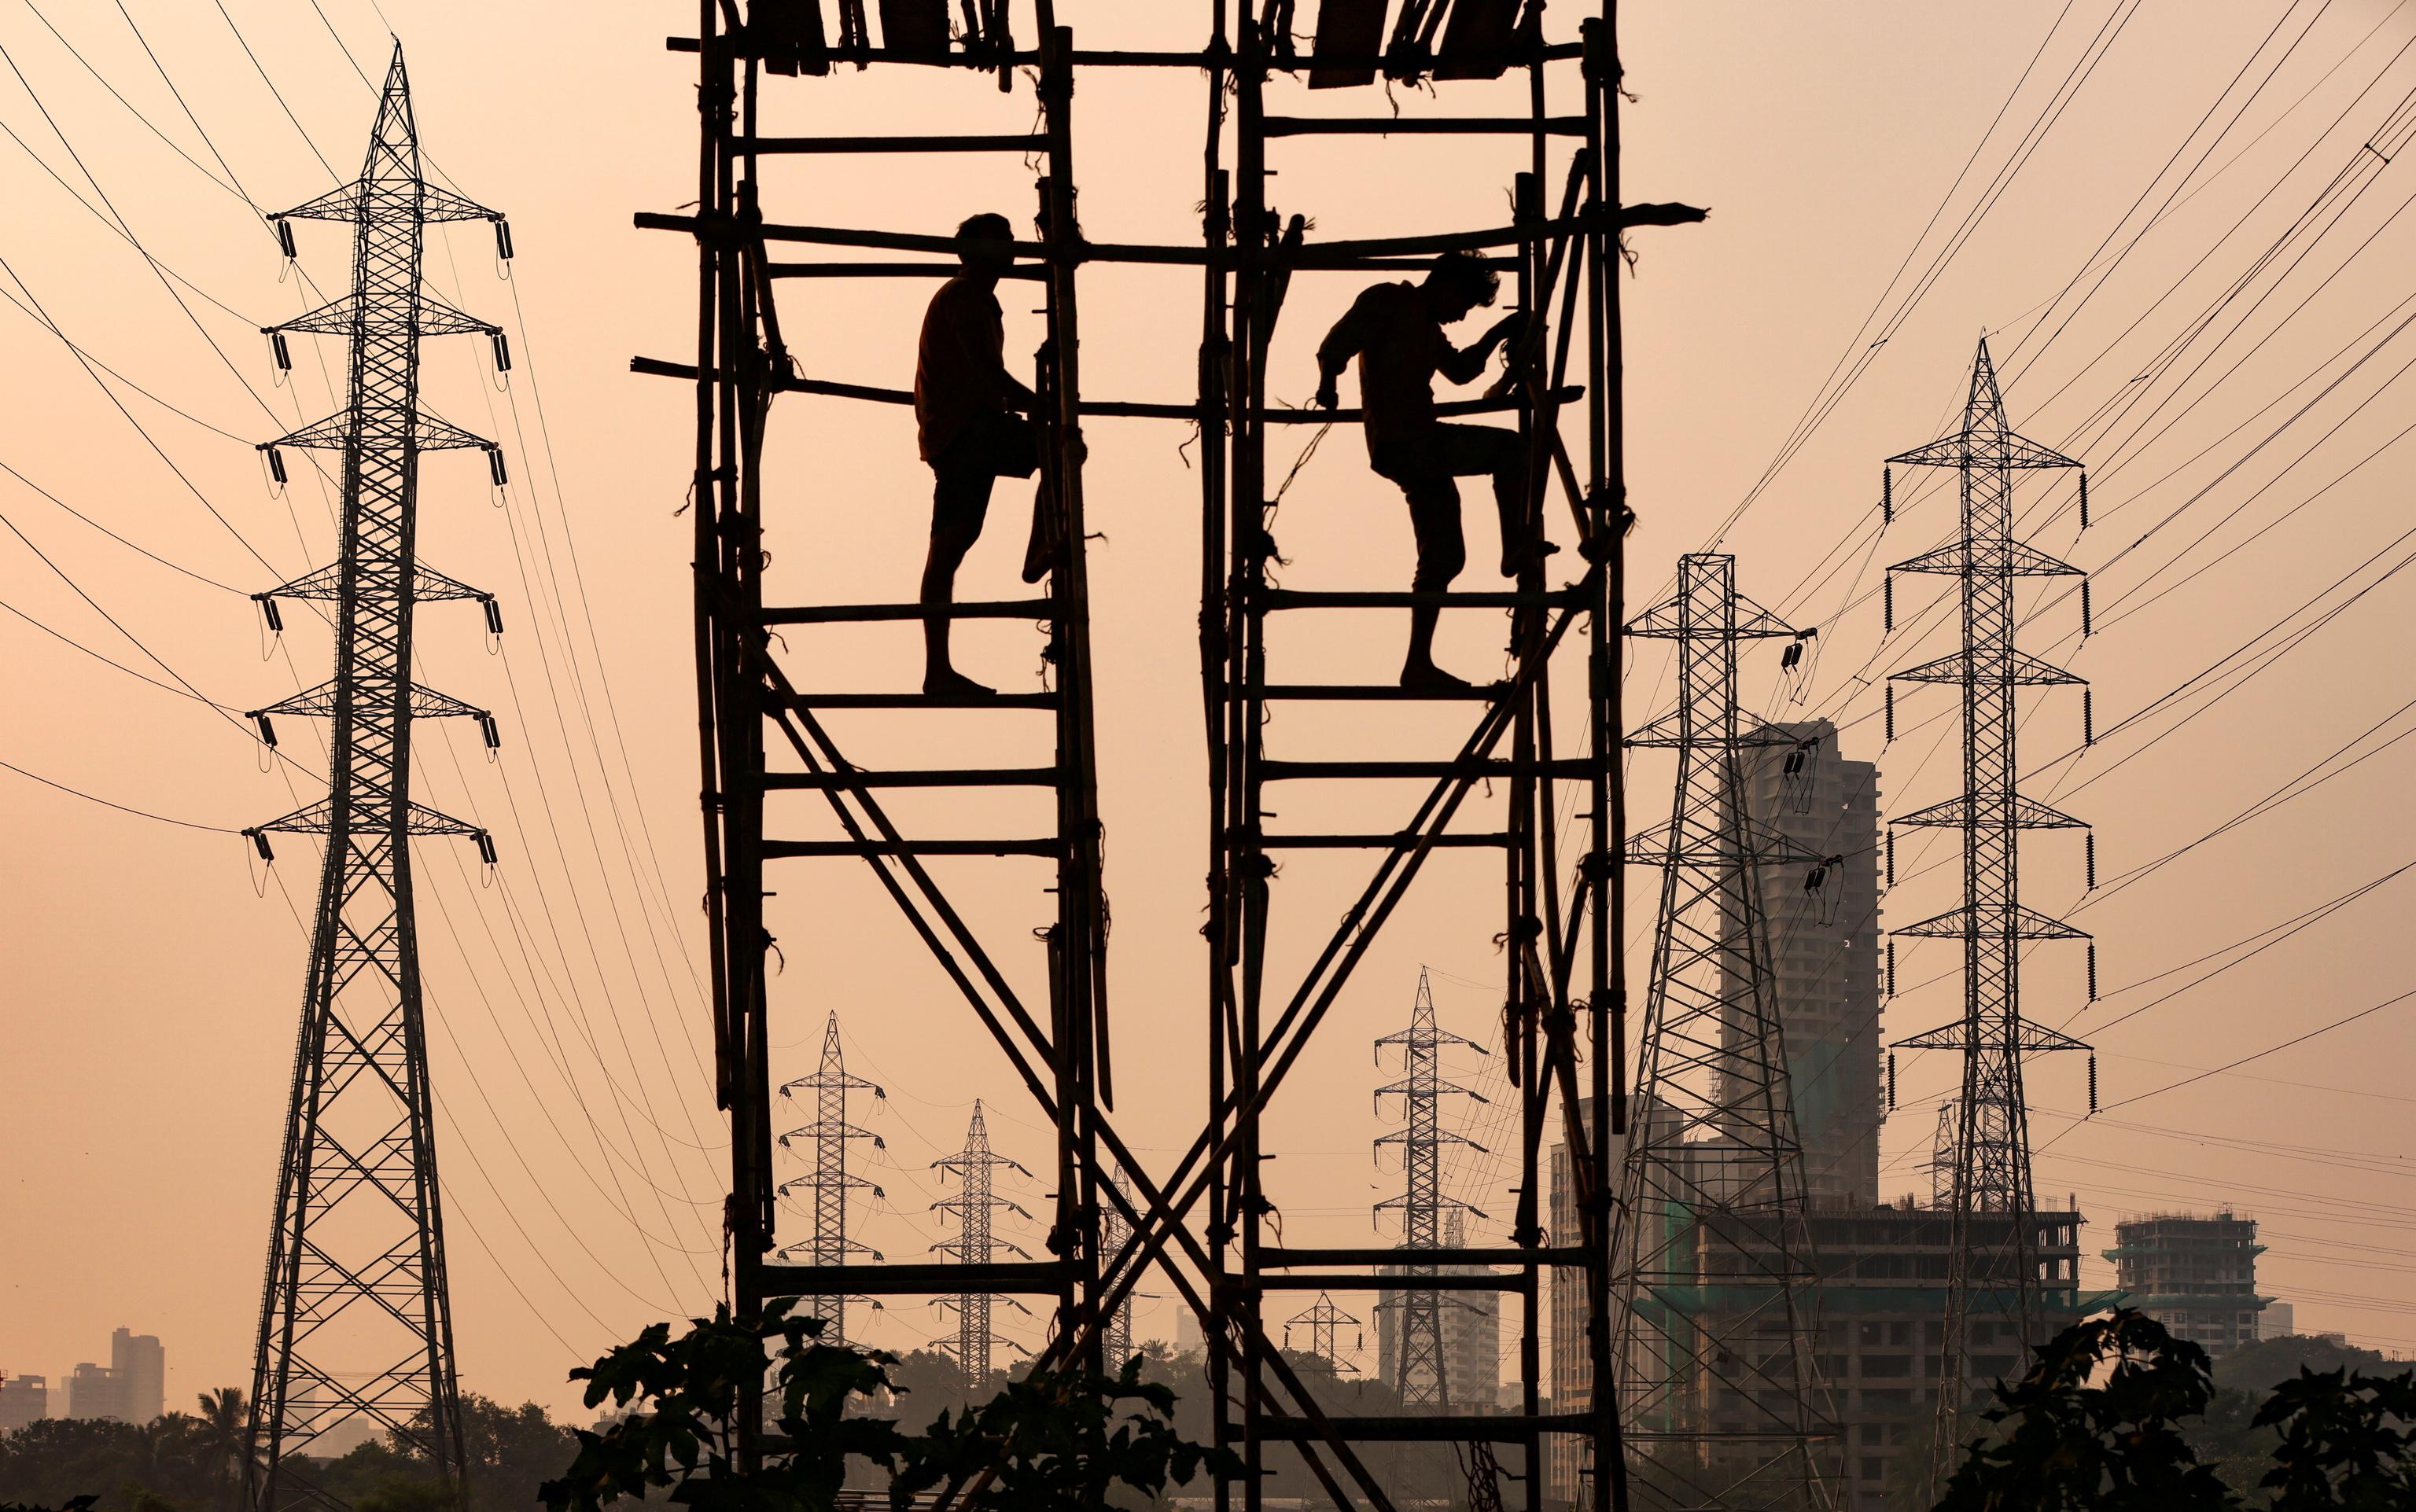 El precio de la luz sube este jueves un 16% hasta alcanzar 215,63 euros/MWh